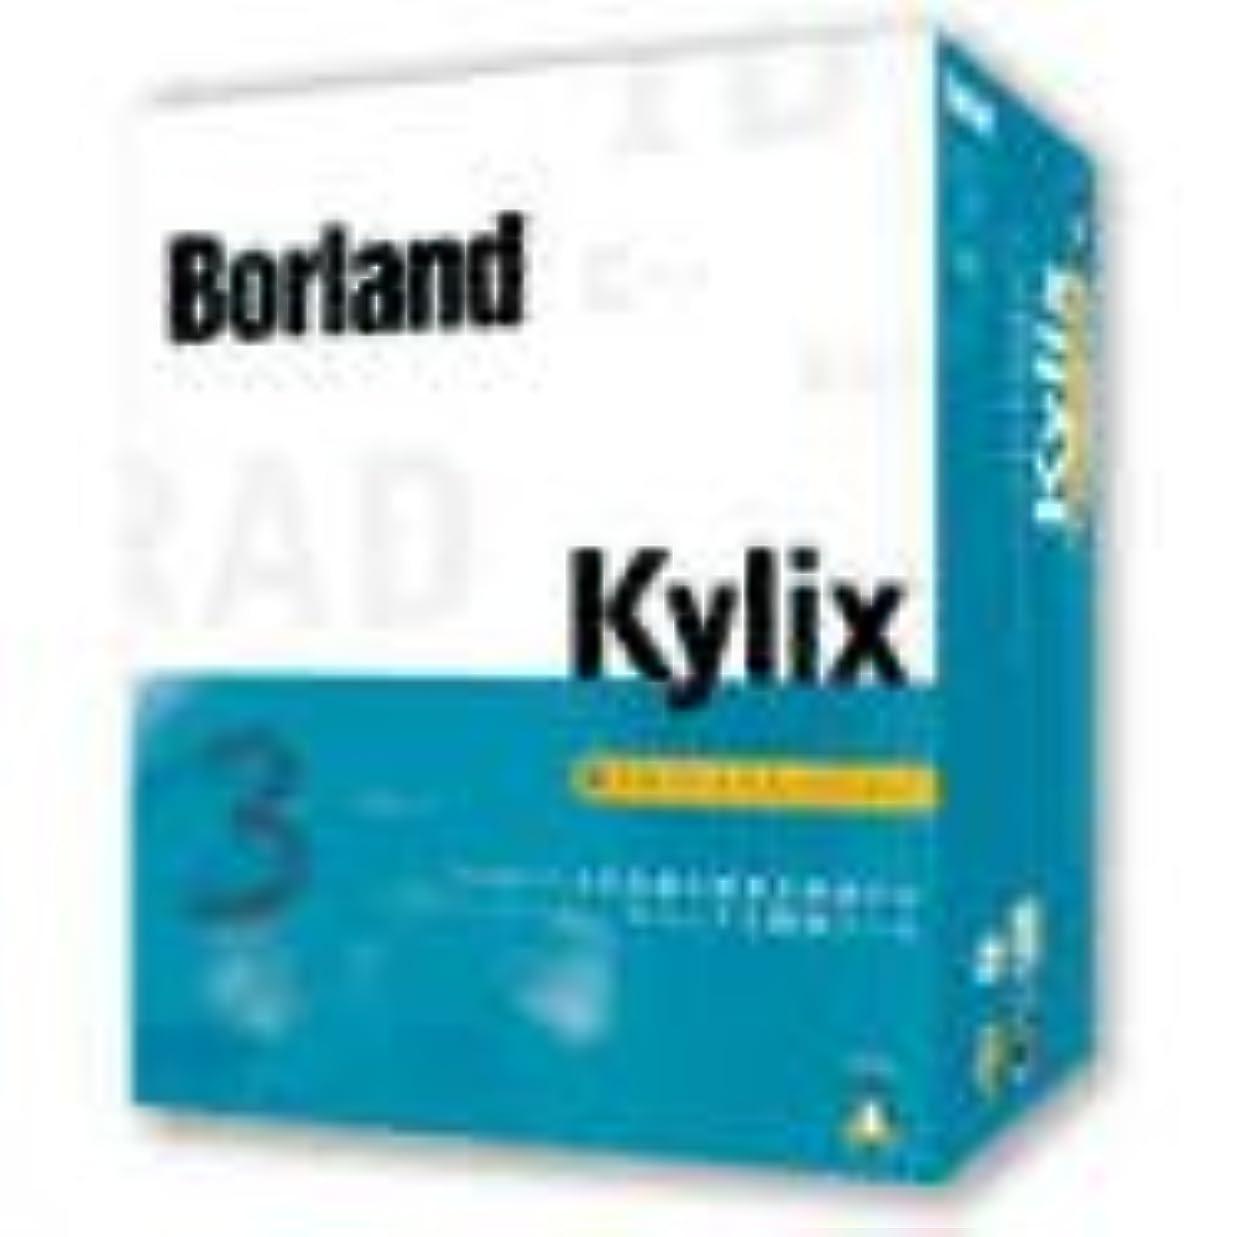 今雪だるまを作る落ちたBorland Kylix 3 Professional